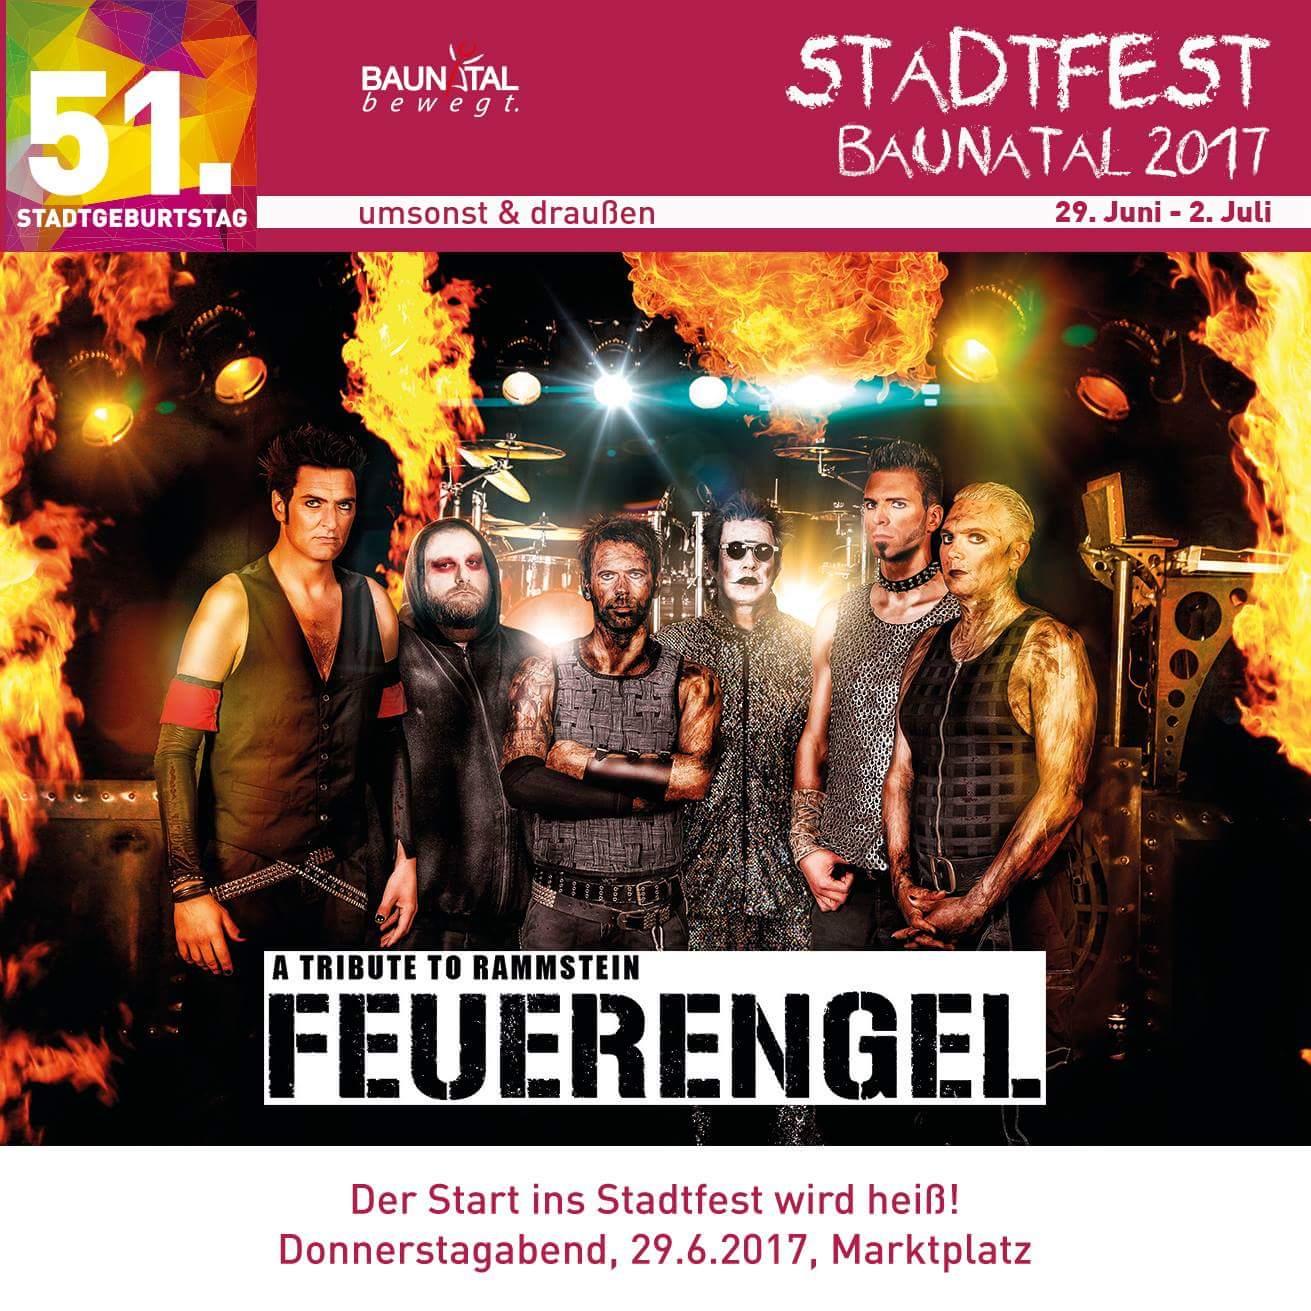 FEUERENGEL, Tribute to Rammstein zum Start am Donnerstag, 29.6.2017